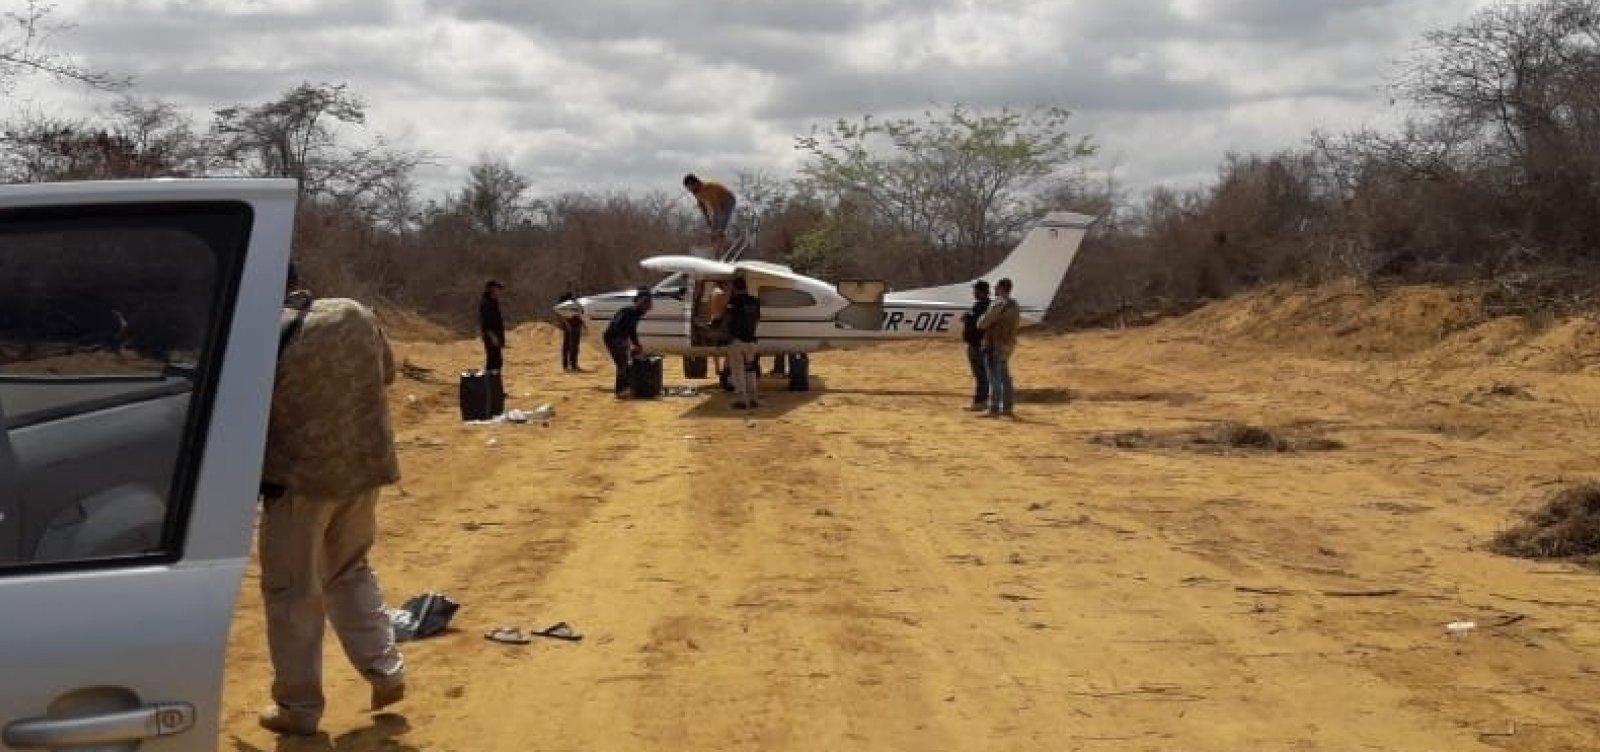 [Polícia apreende avião envolvido em transporte interestadual de drogas]